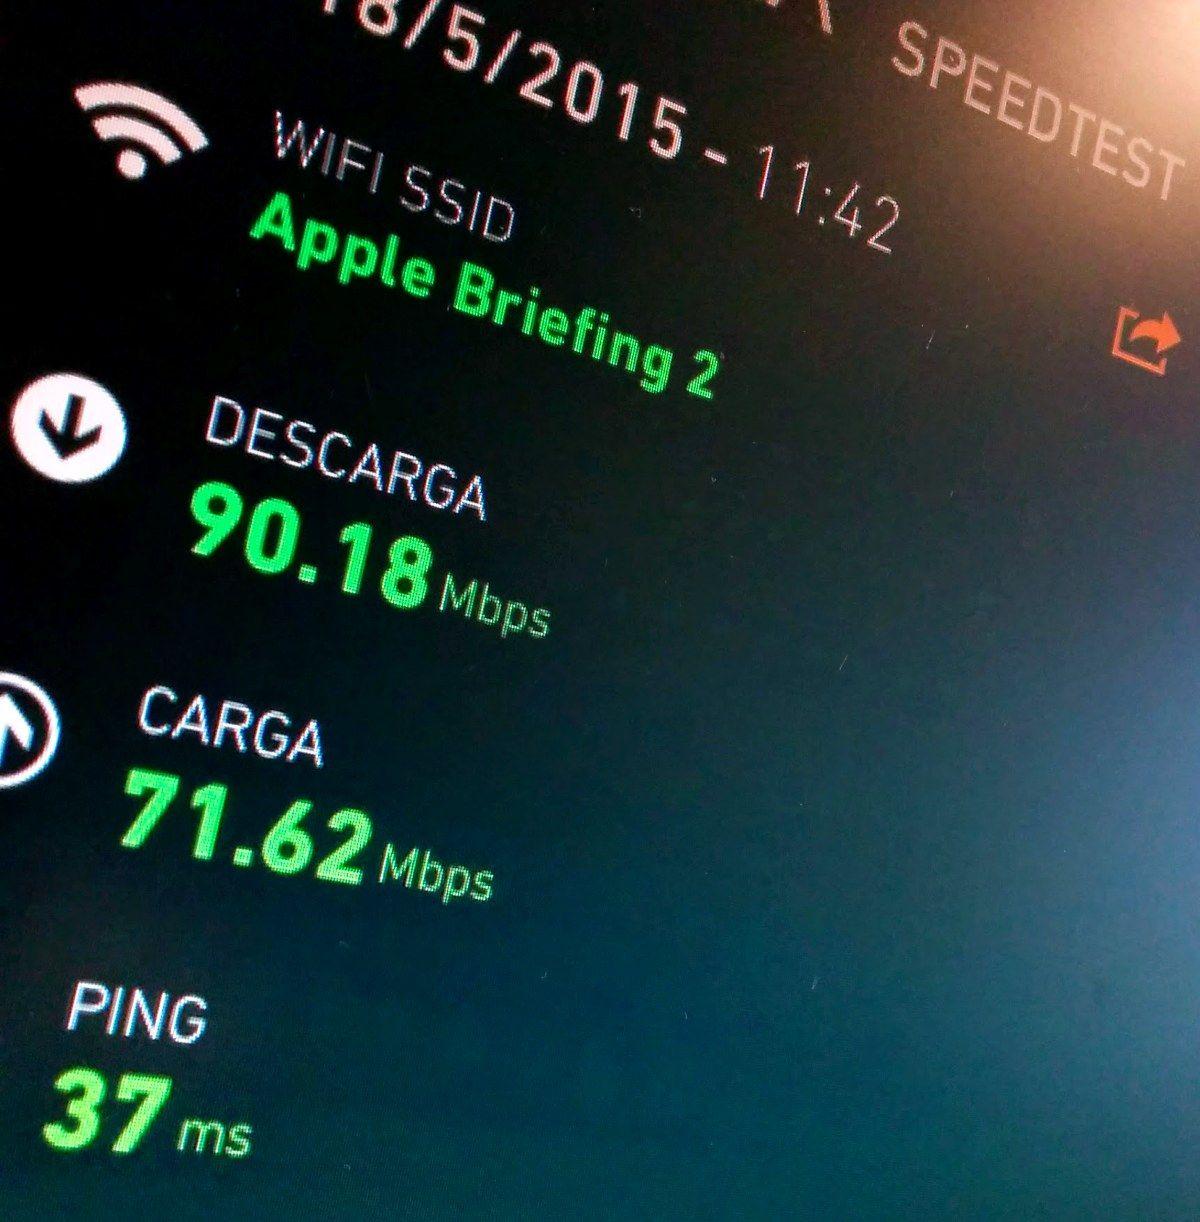 Estadísticas de la conexión WiFi en el evento de Apple en Bilbao